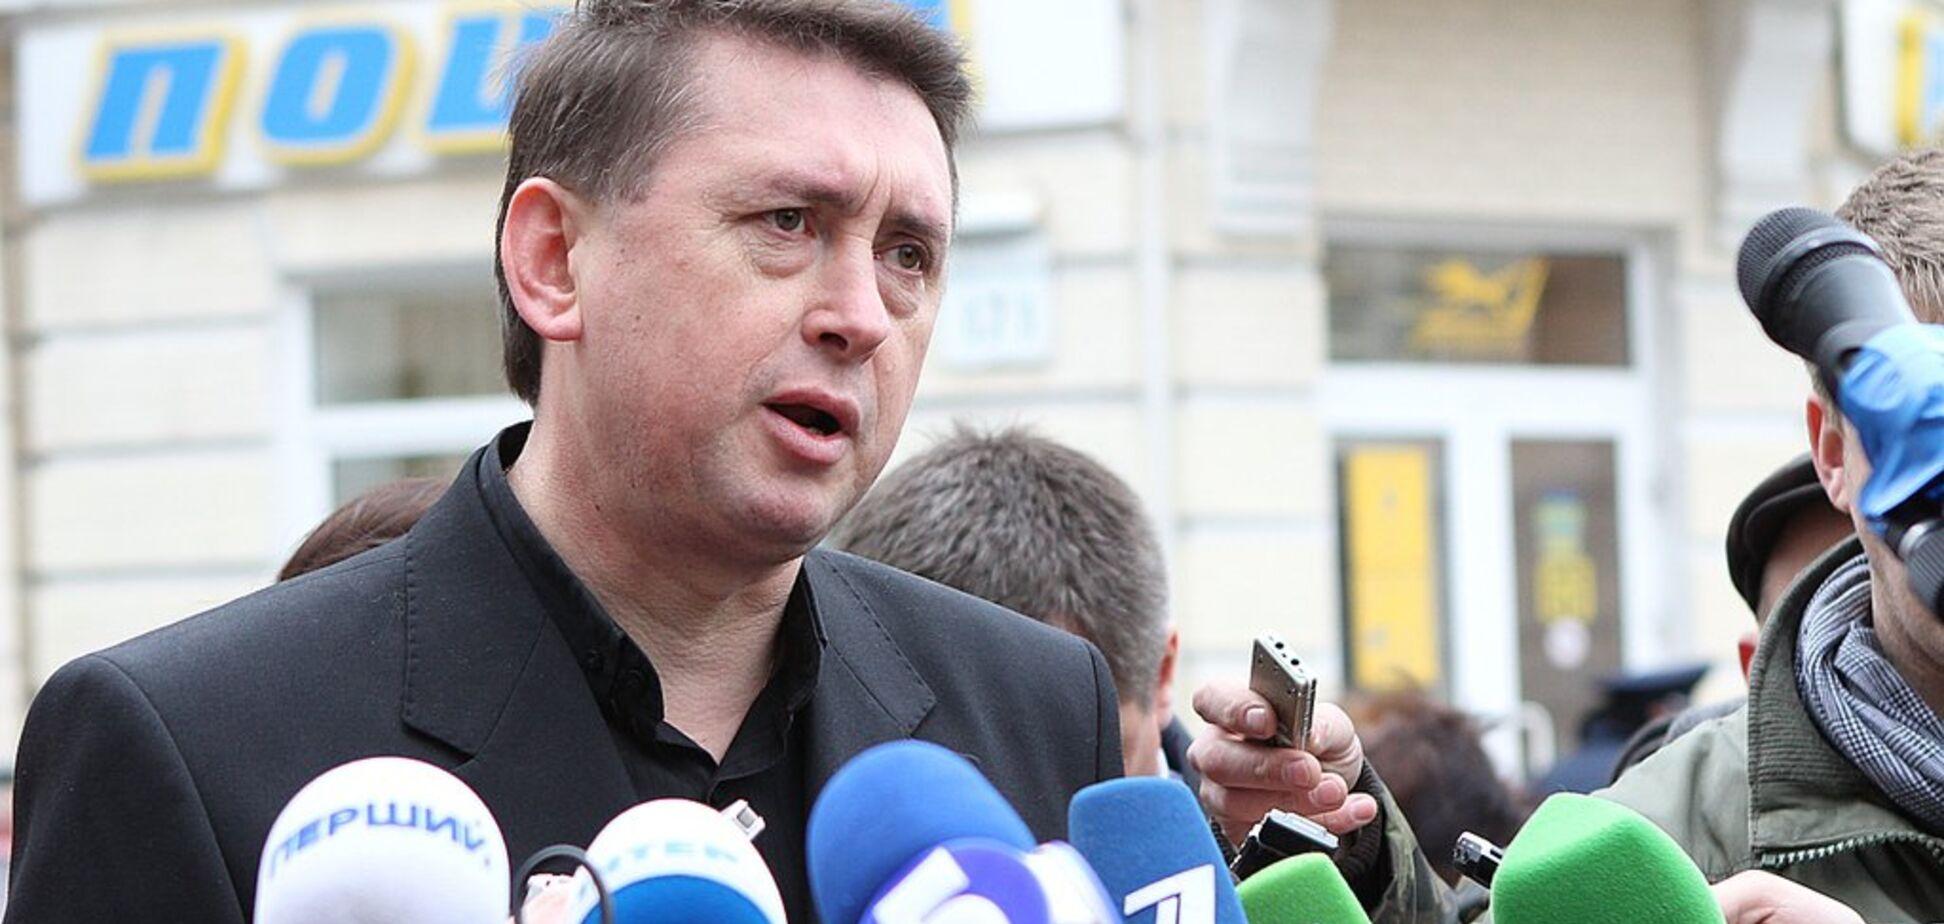 Мельниченко: Кучма передал мне 2 млн долларов